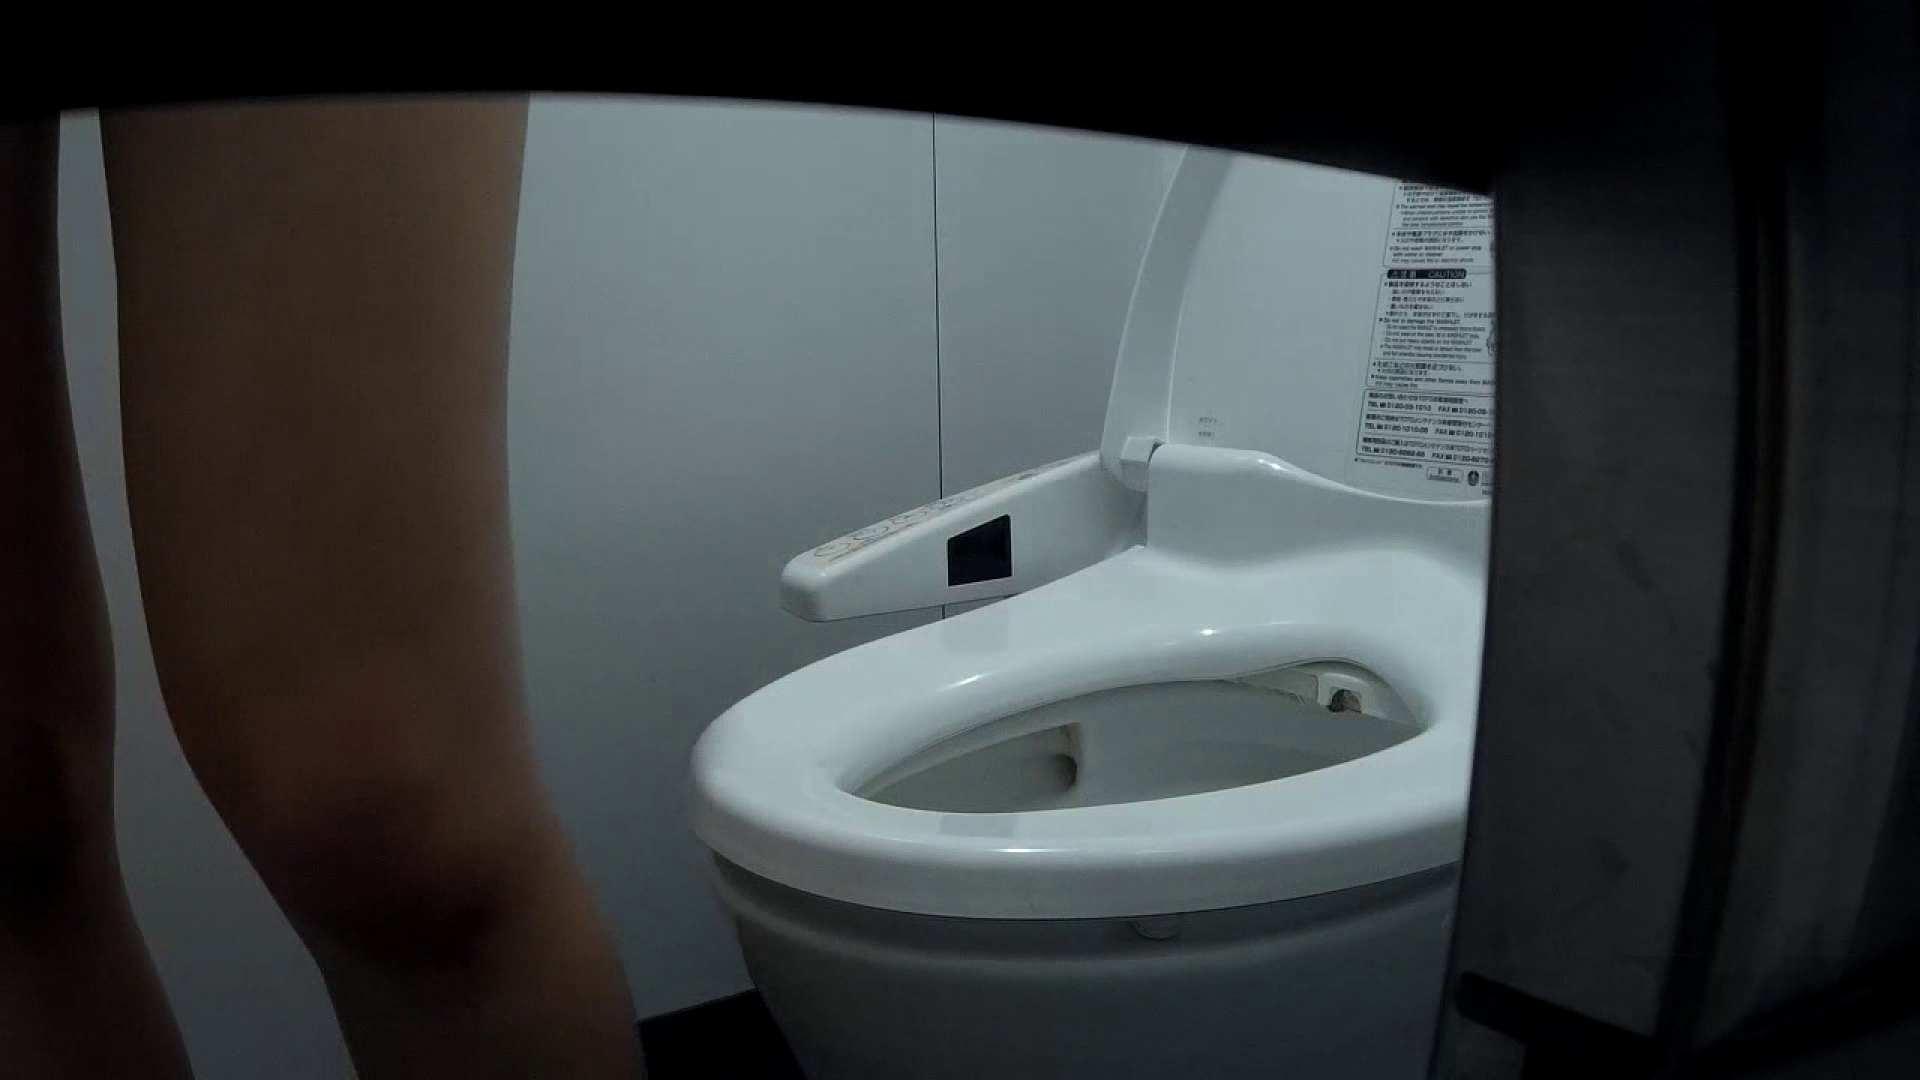 無修正ヌード|有名大学女性洗面所 vol.37 ついでにアンダーヘアーの状態確認ですね。|怪盗ジョーカー